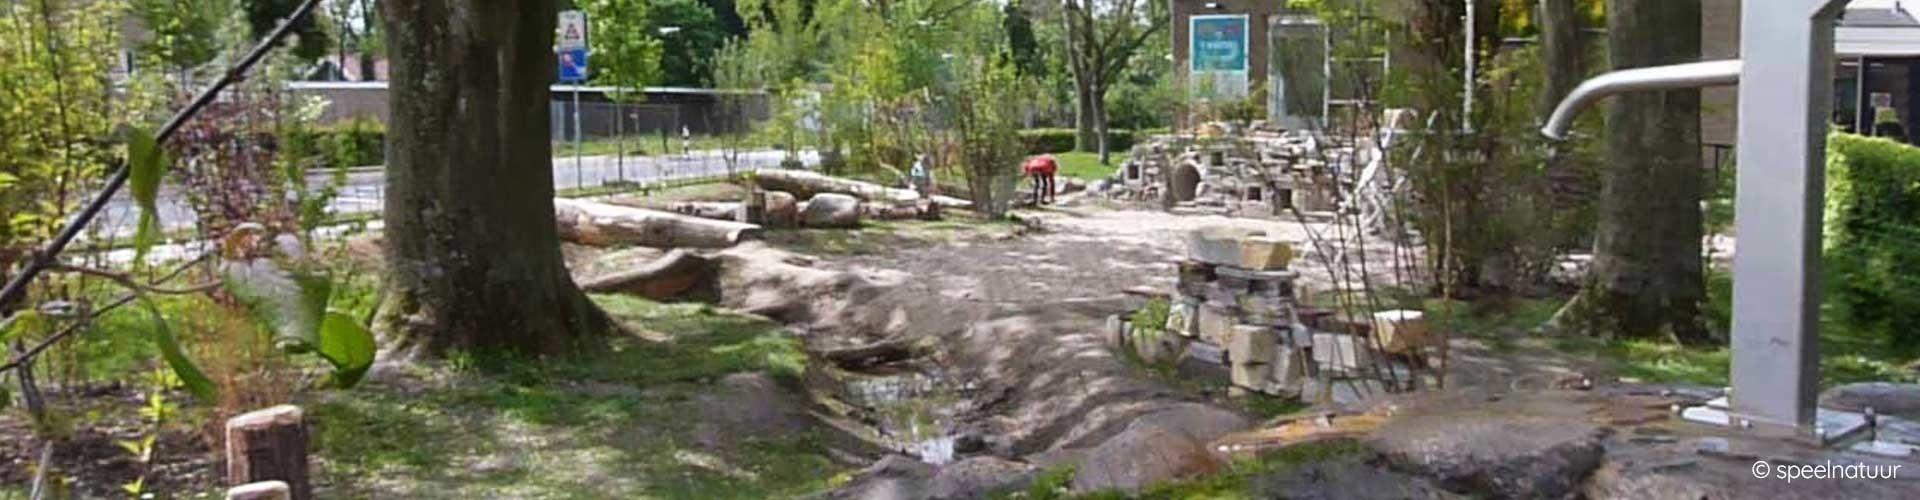 ontwerper groen schoolplein